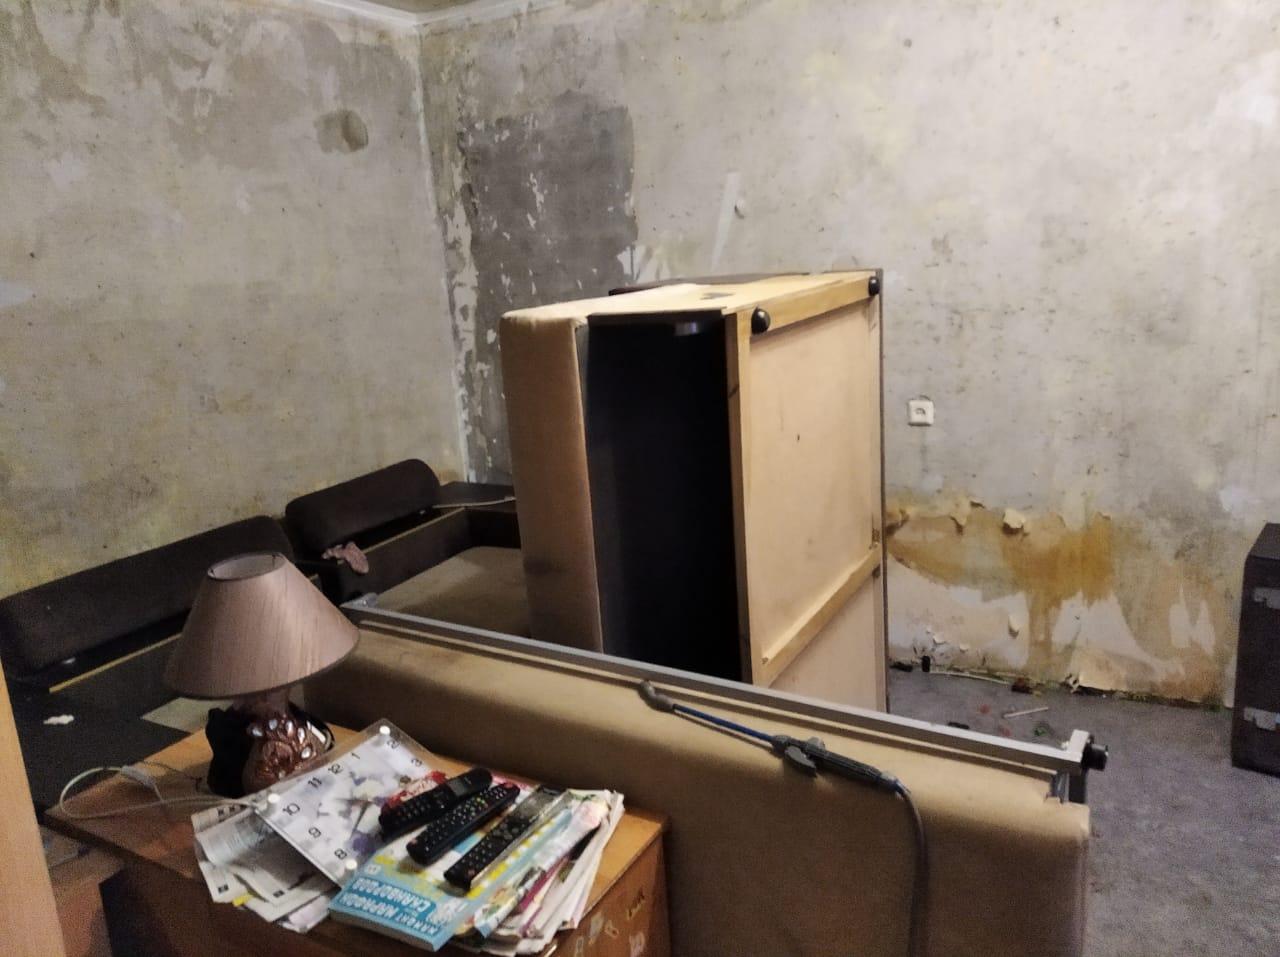 Уничтожение клопов в квартире ул. Новоселов 22А